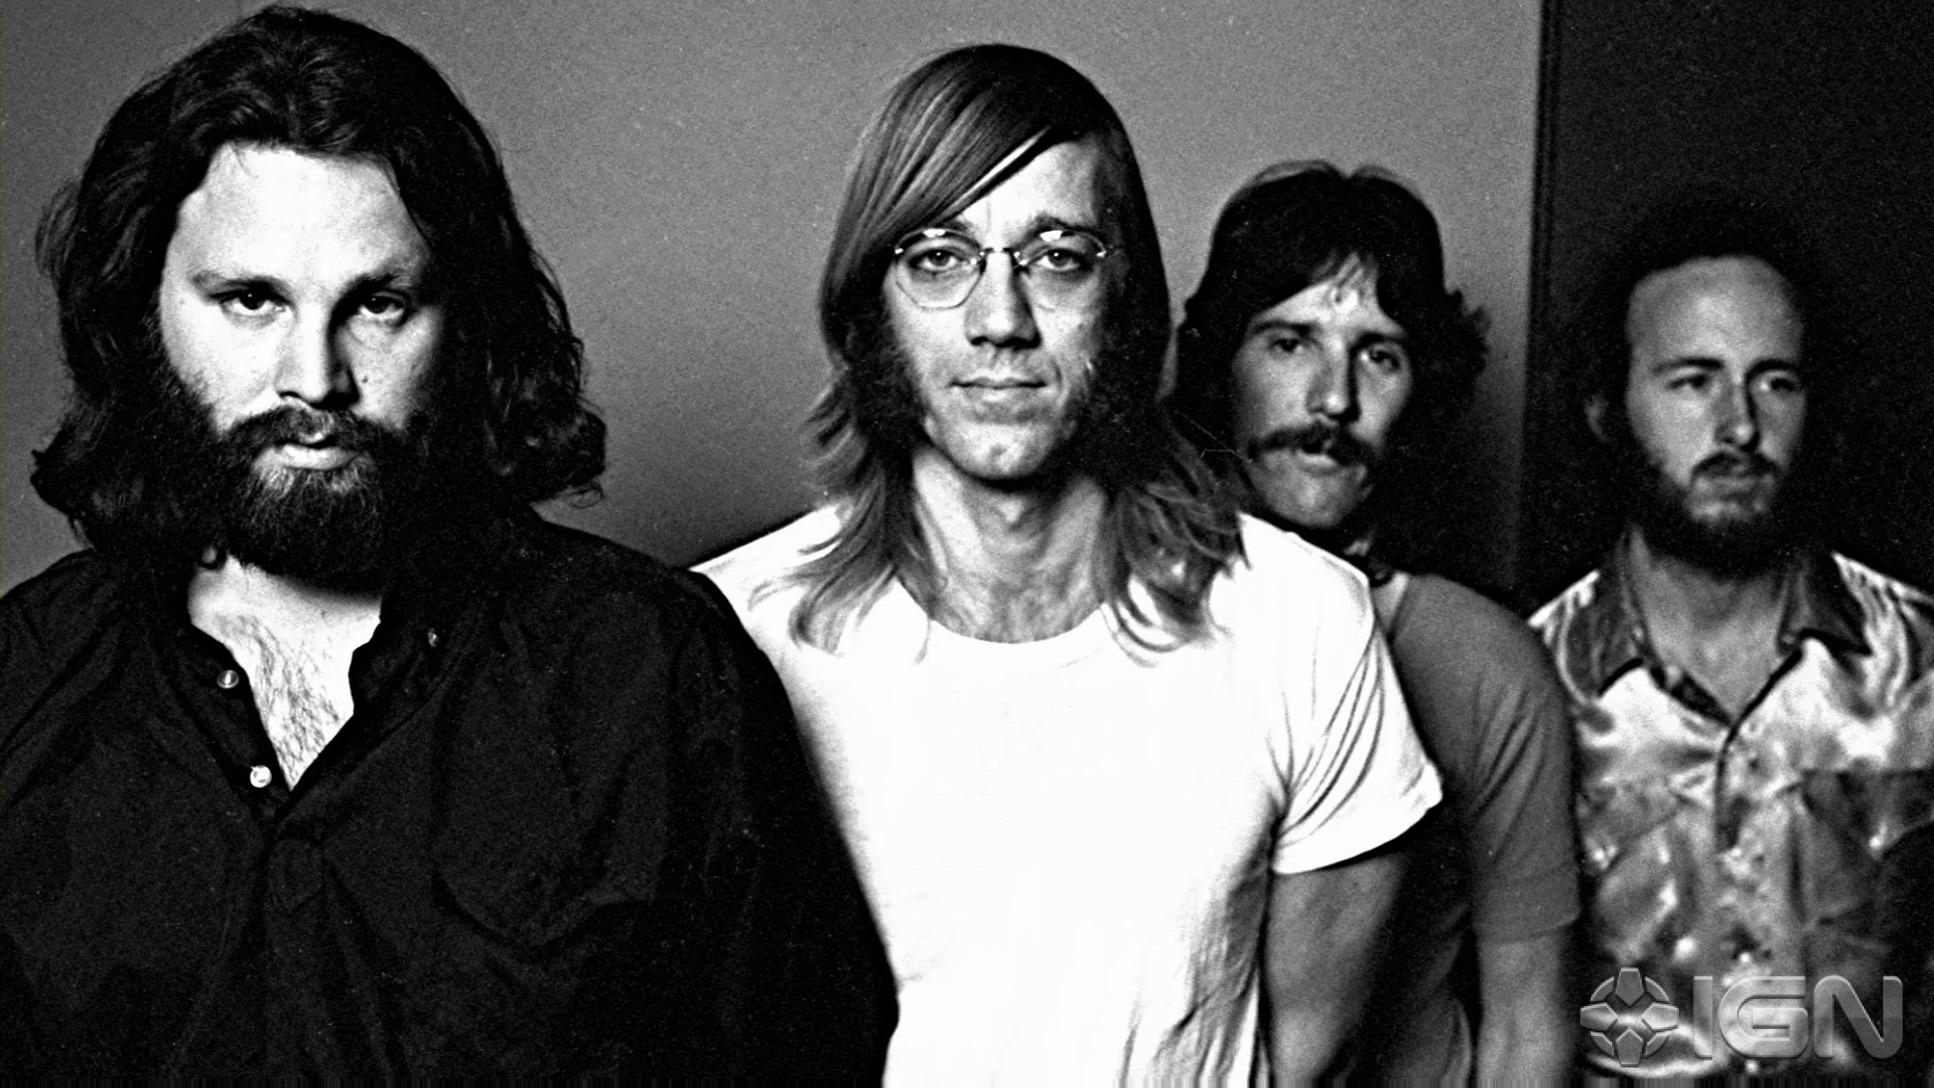 Jim Morrison, Ray Manzarek, John Paul Densmore e Robie Krieger em 1970. Com 26 anos, Jim já não estava mais na forma sex symbol que o consagrou, ostentando enorme barba e barriga